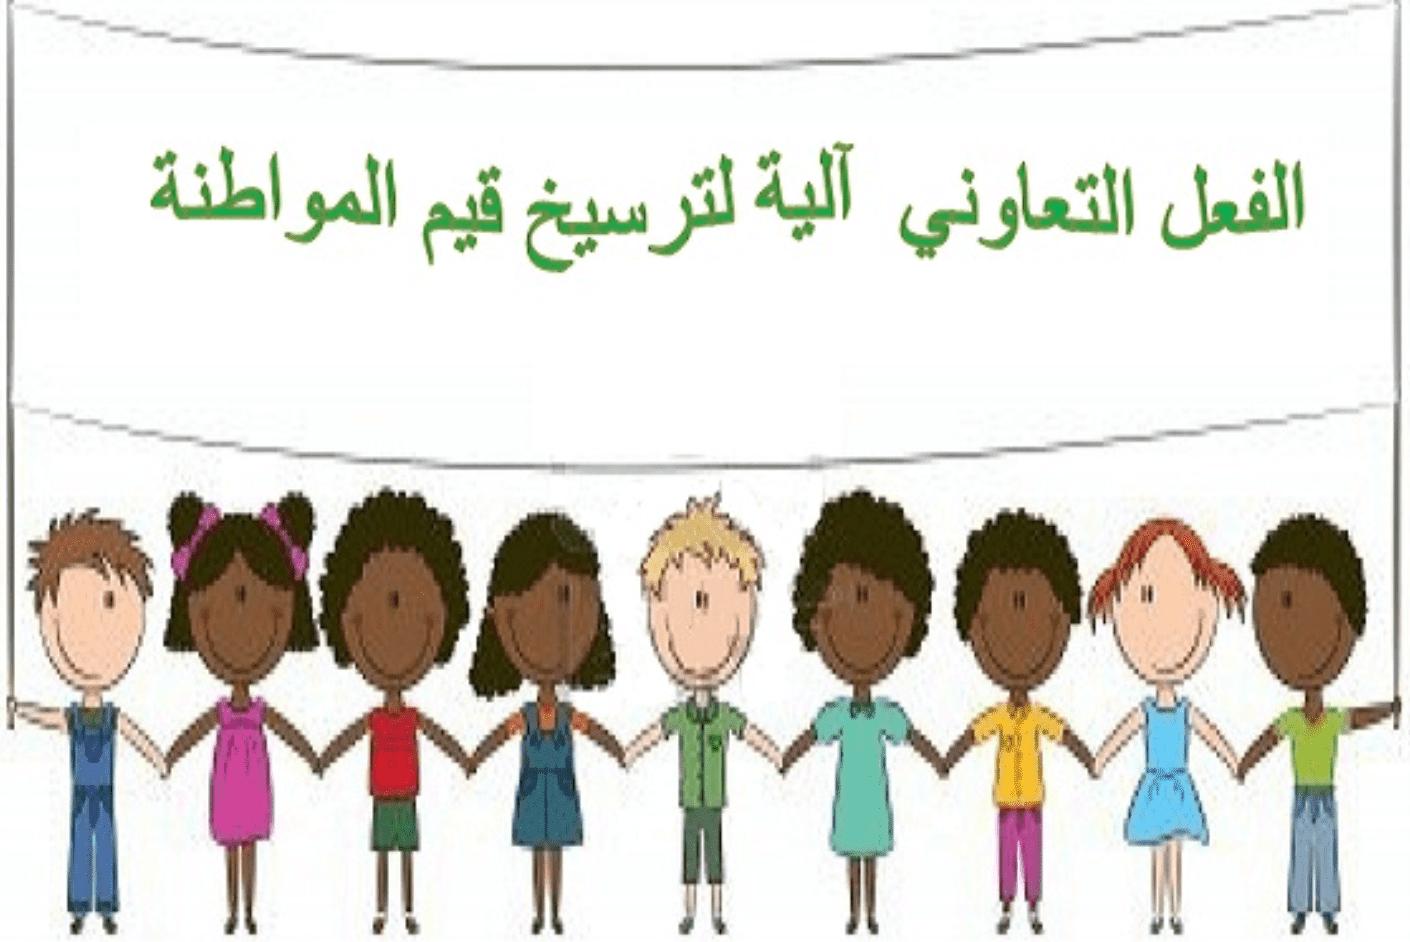 بالصور تعبير عن التعاون , اهمية المشاركه والمعاونه 4457